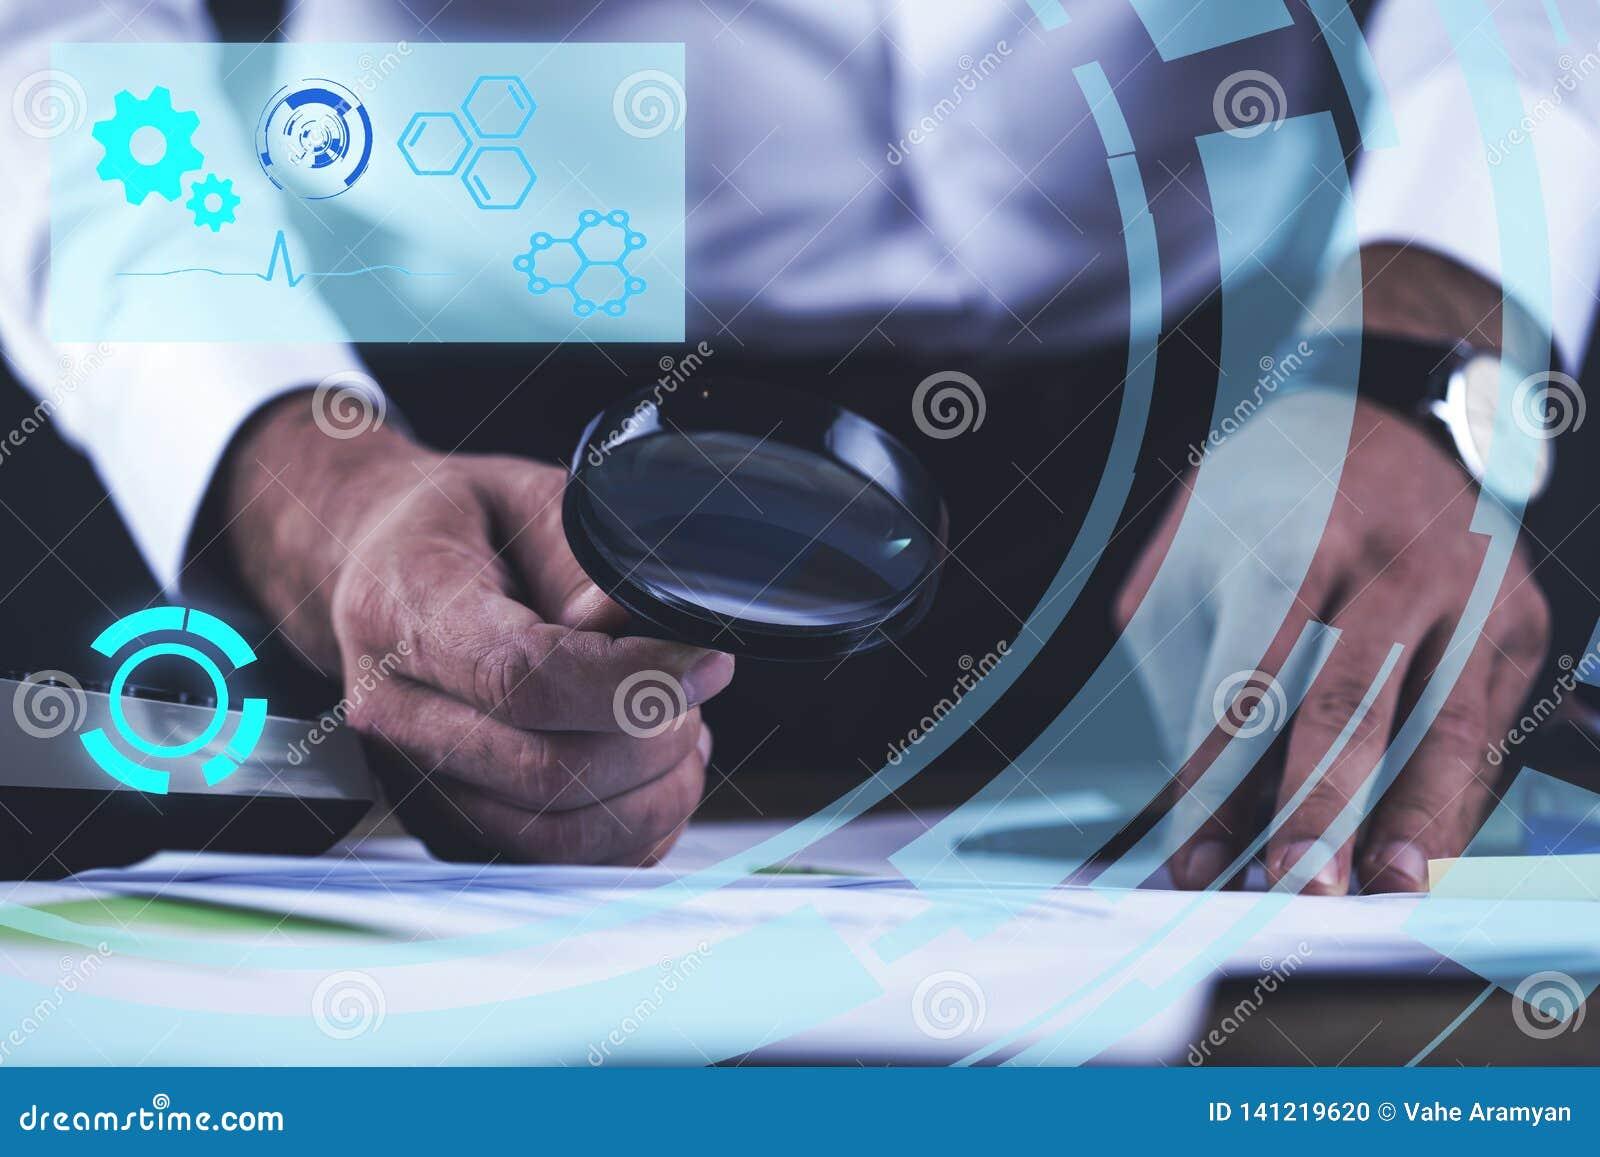 Lupa de la mano del hombre con el documento